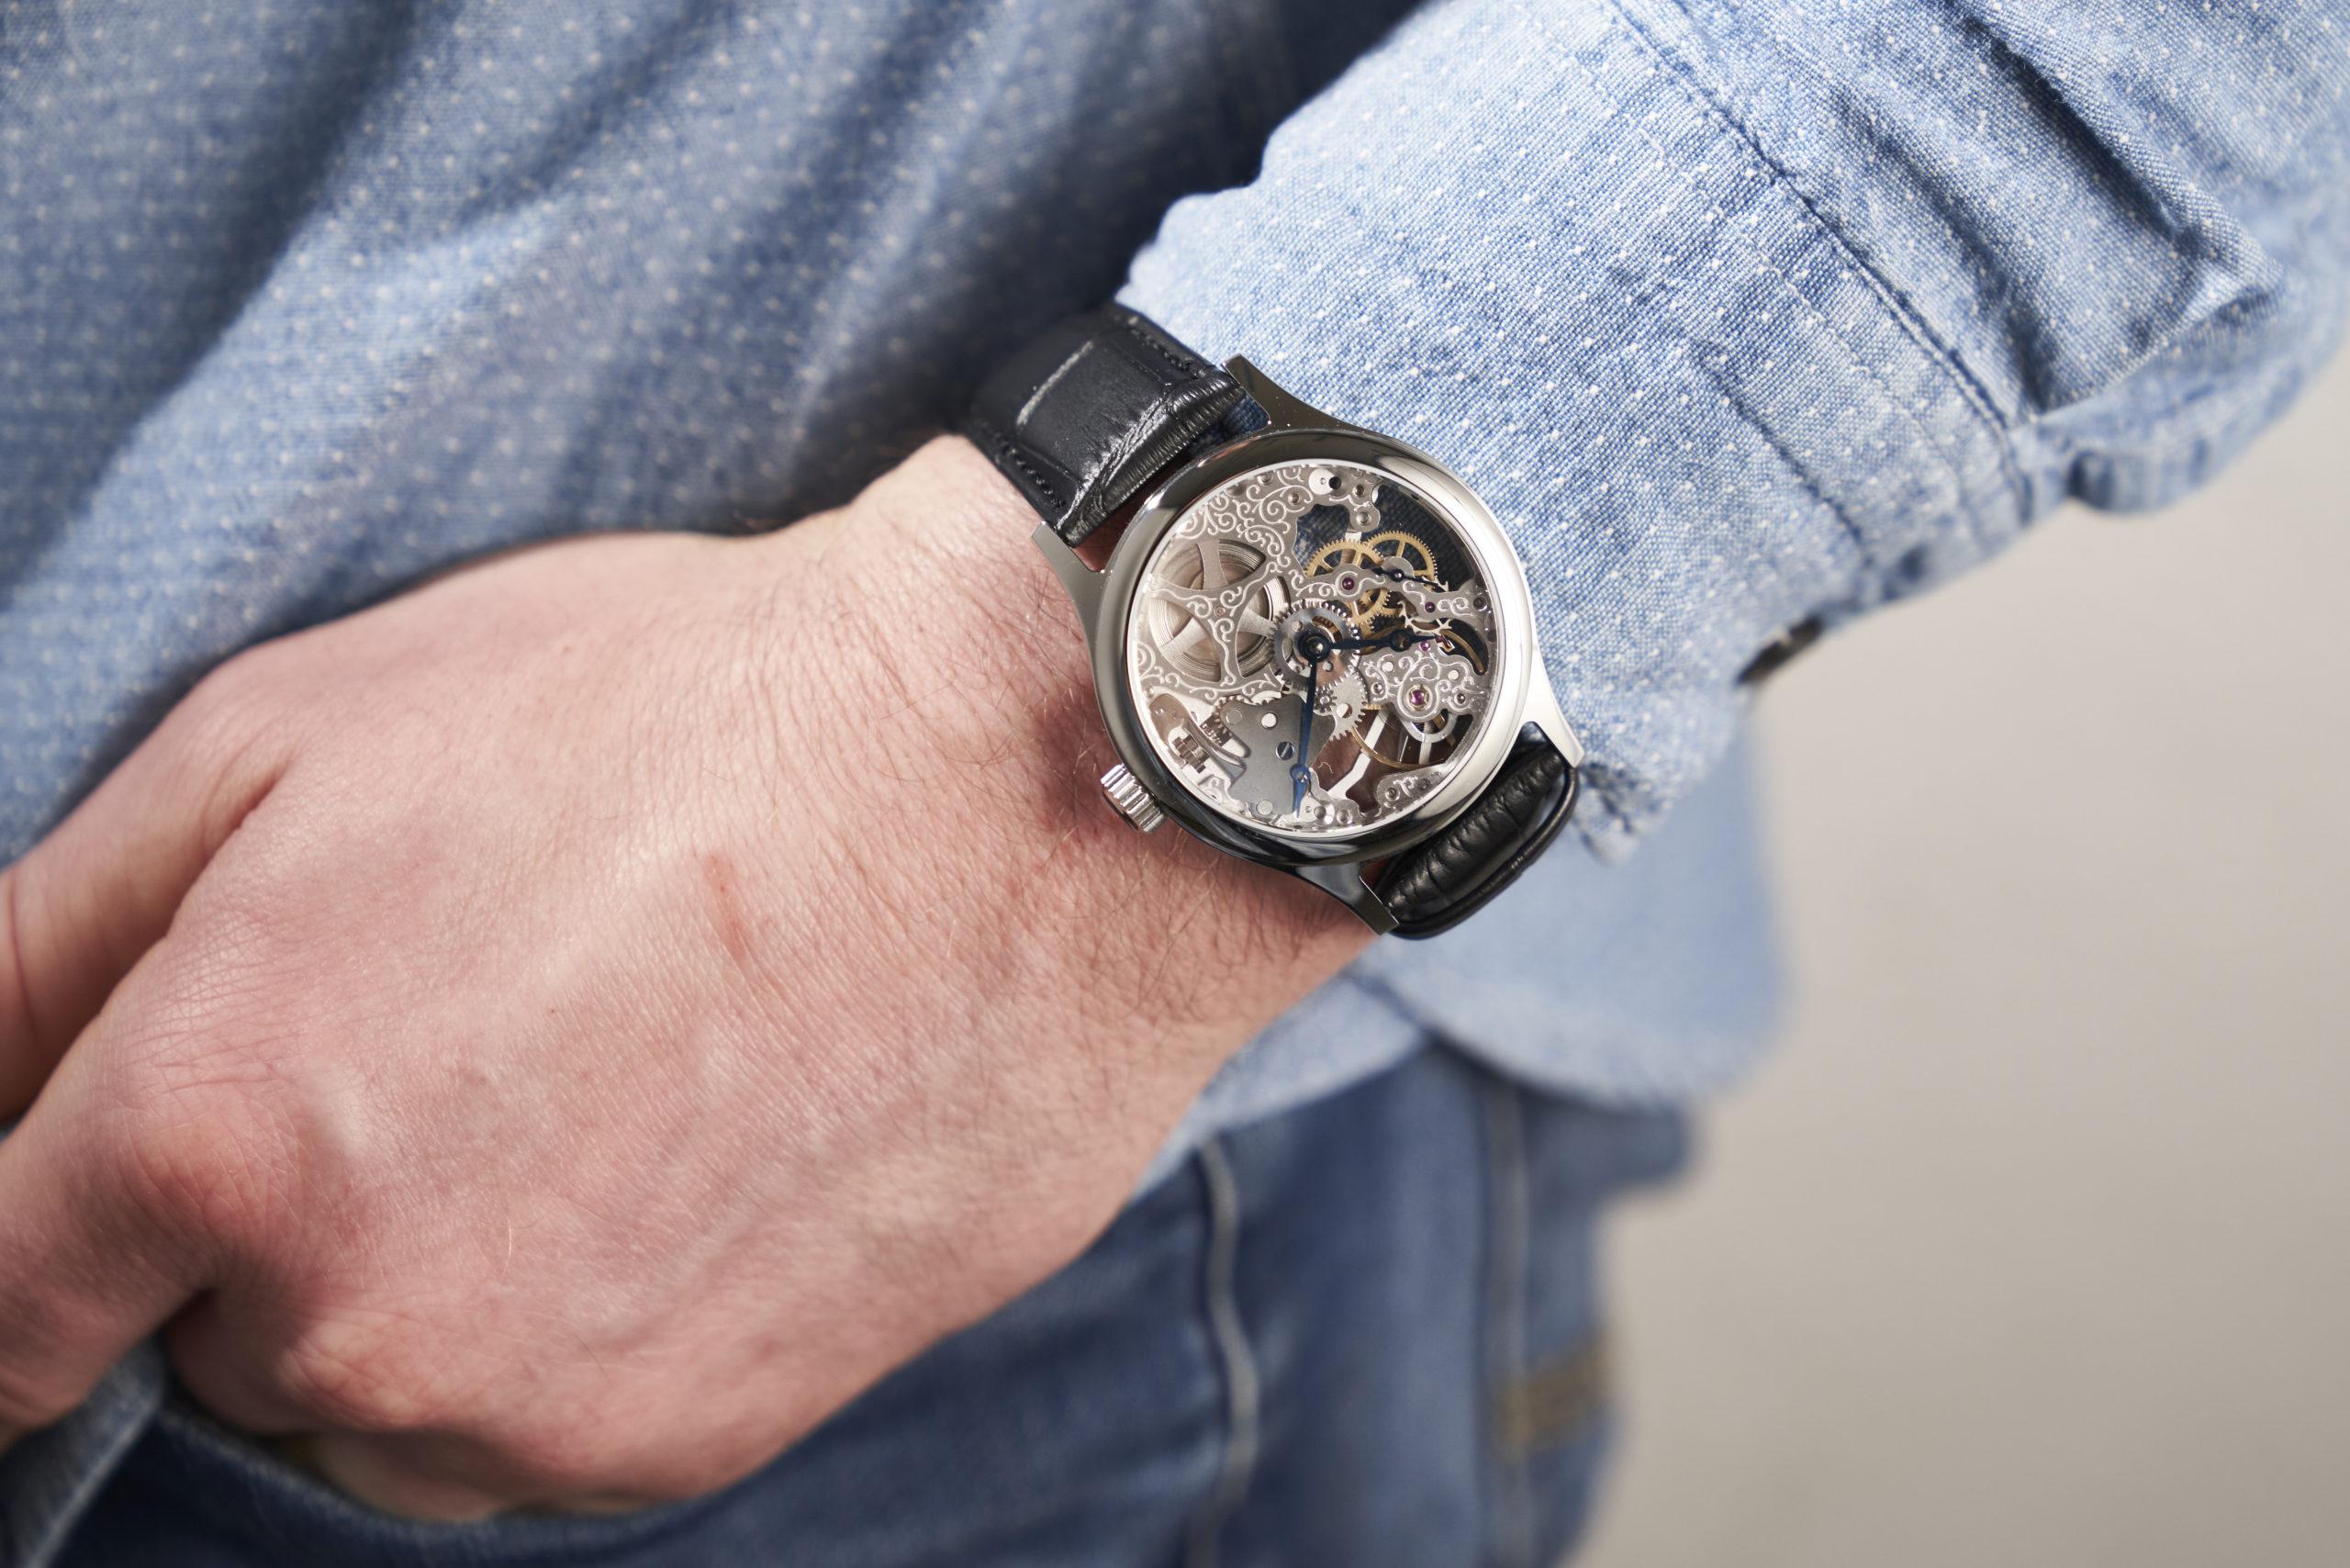 Erbe der Schweizer Uhrmacherei